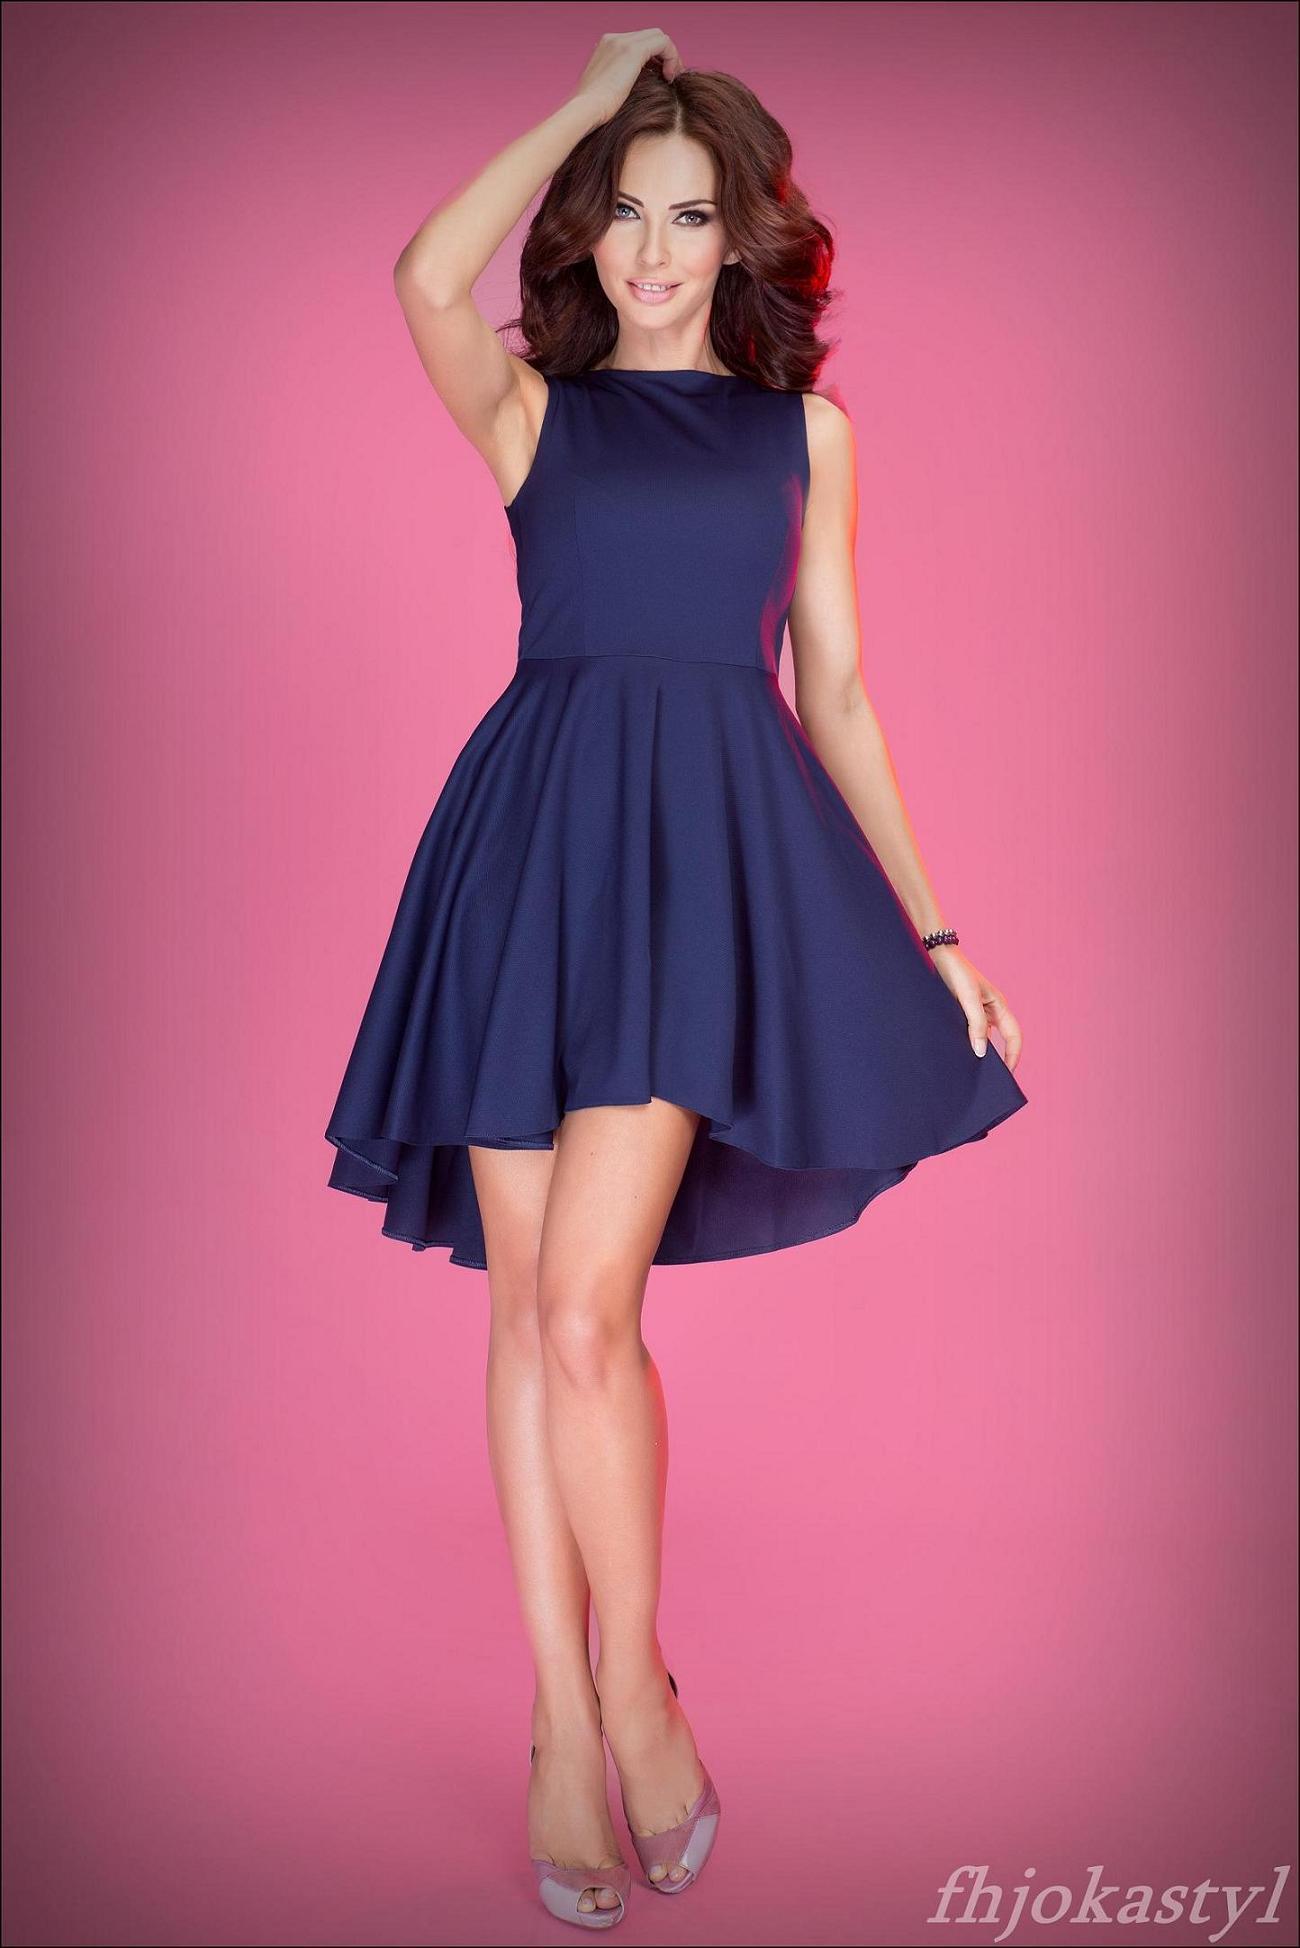 fceb875596 Jokastyl Asymetryczna Granatowa Sukienka S 36